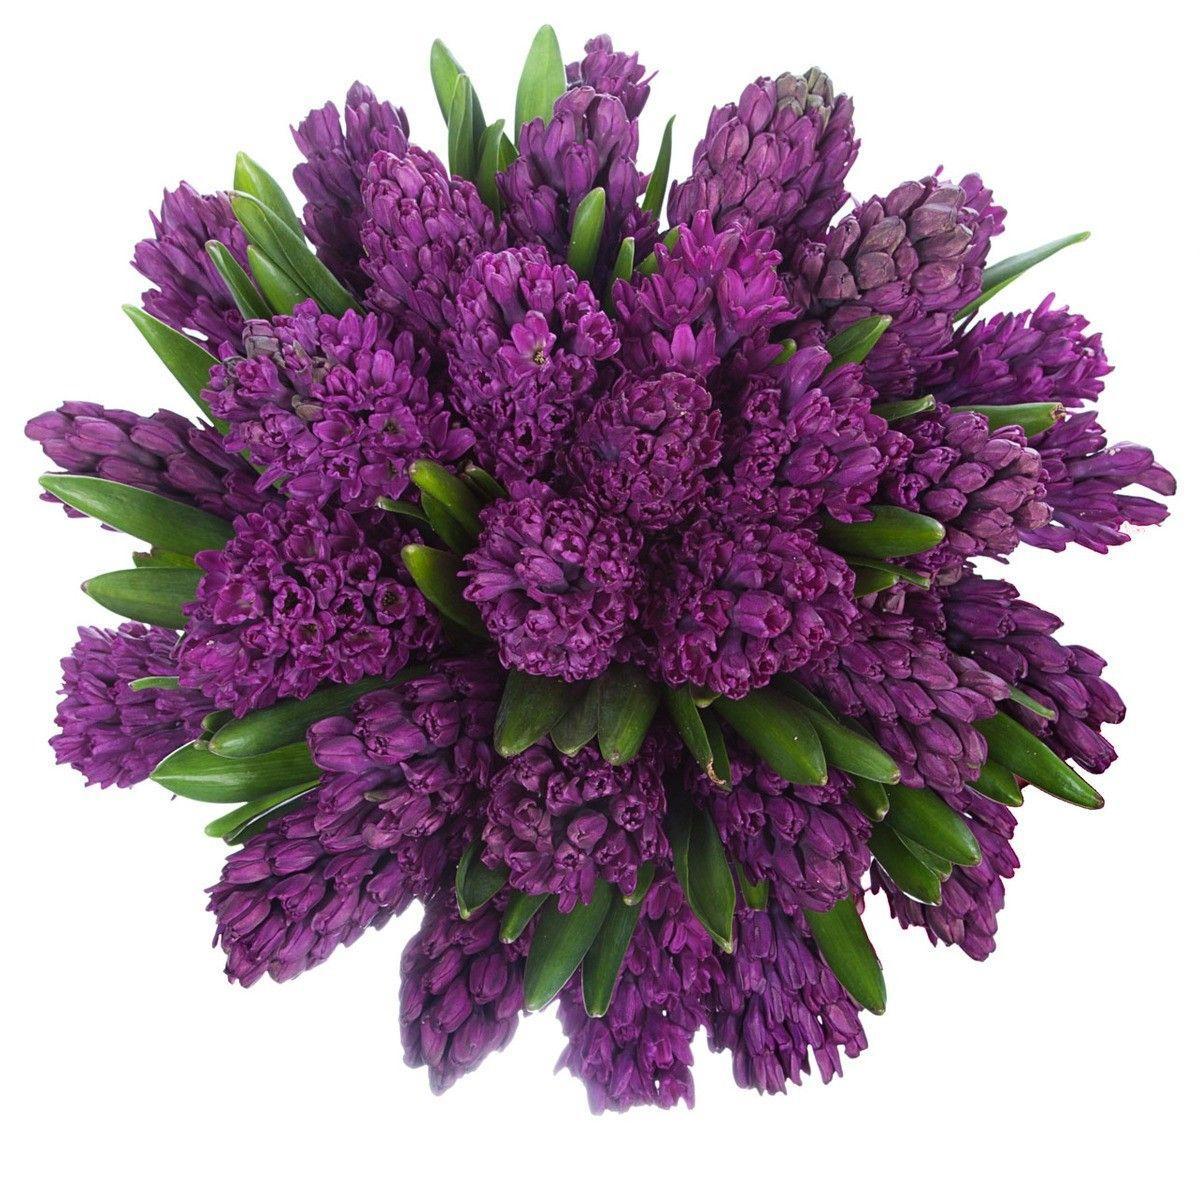 мире целом гиацинт фото букет цветов можно